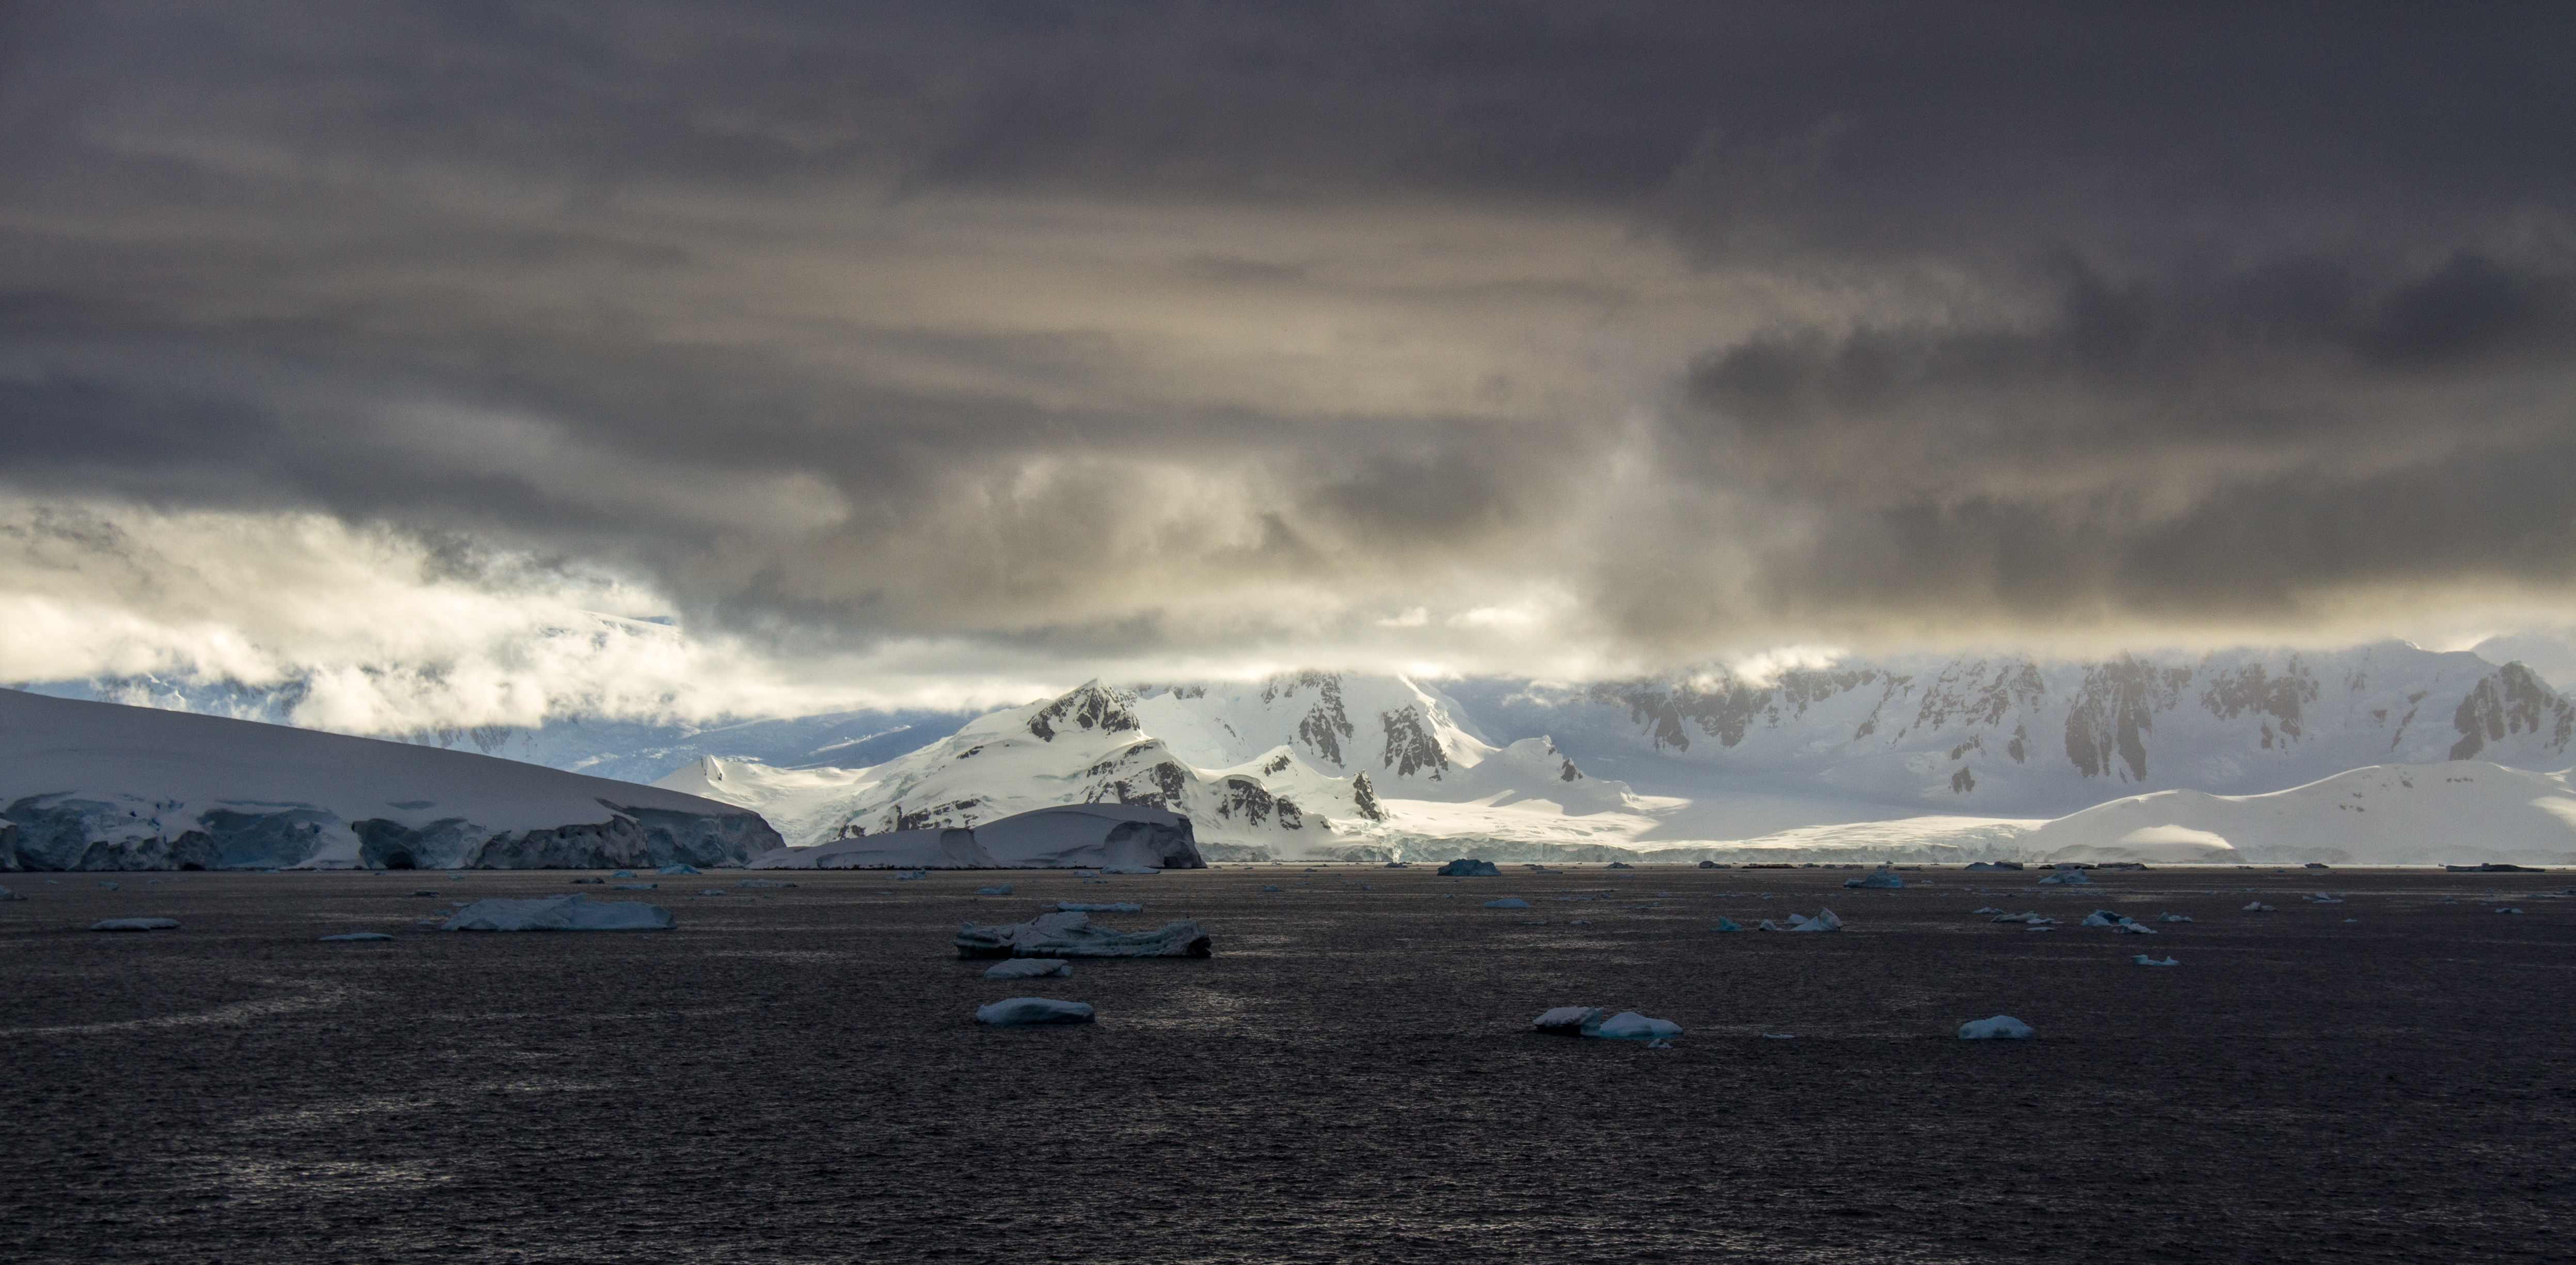 Personified Antarctic Benshook